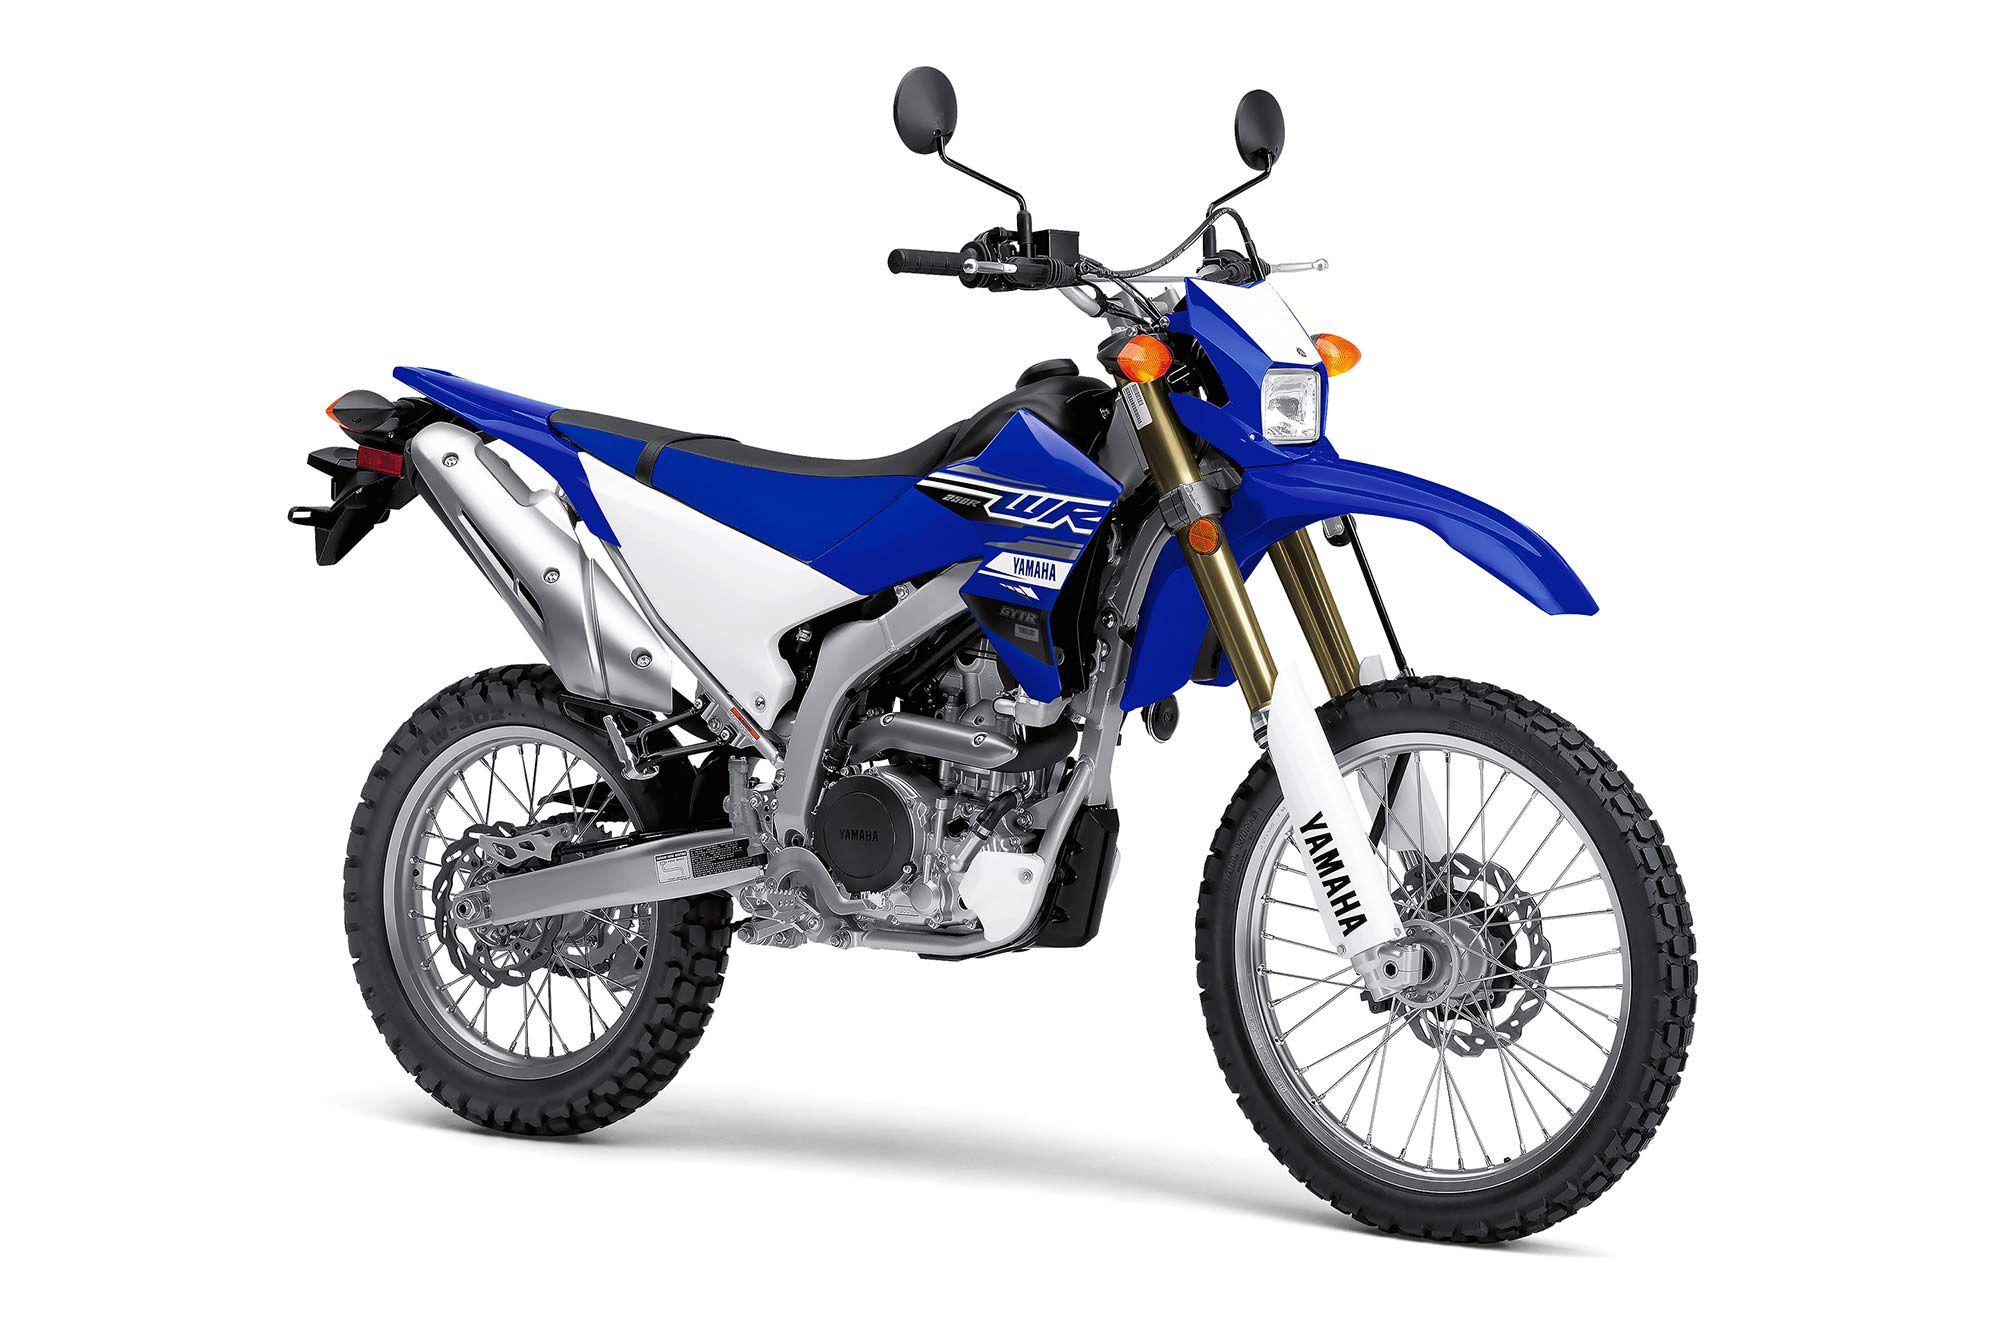 Where's the Yamaha WR300R?